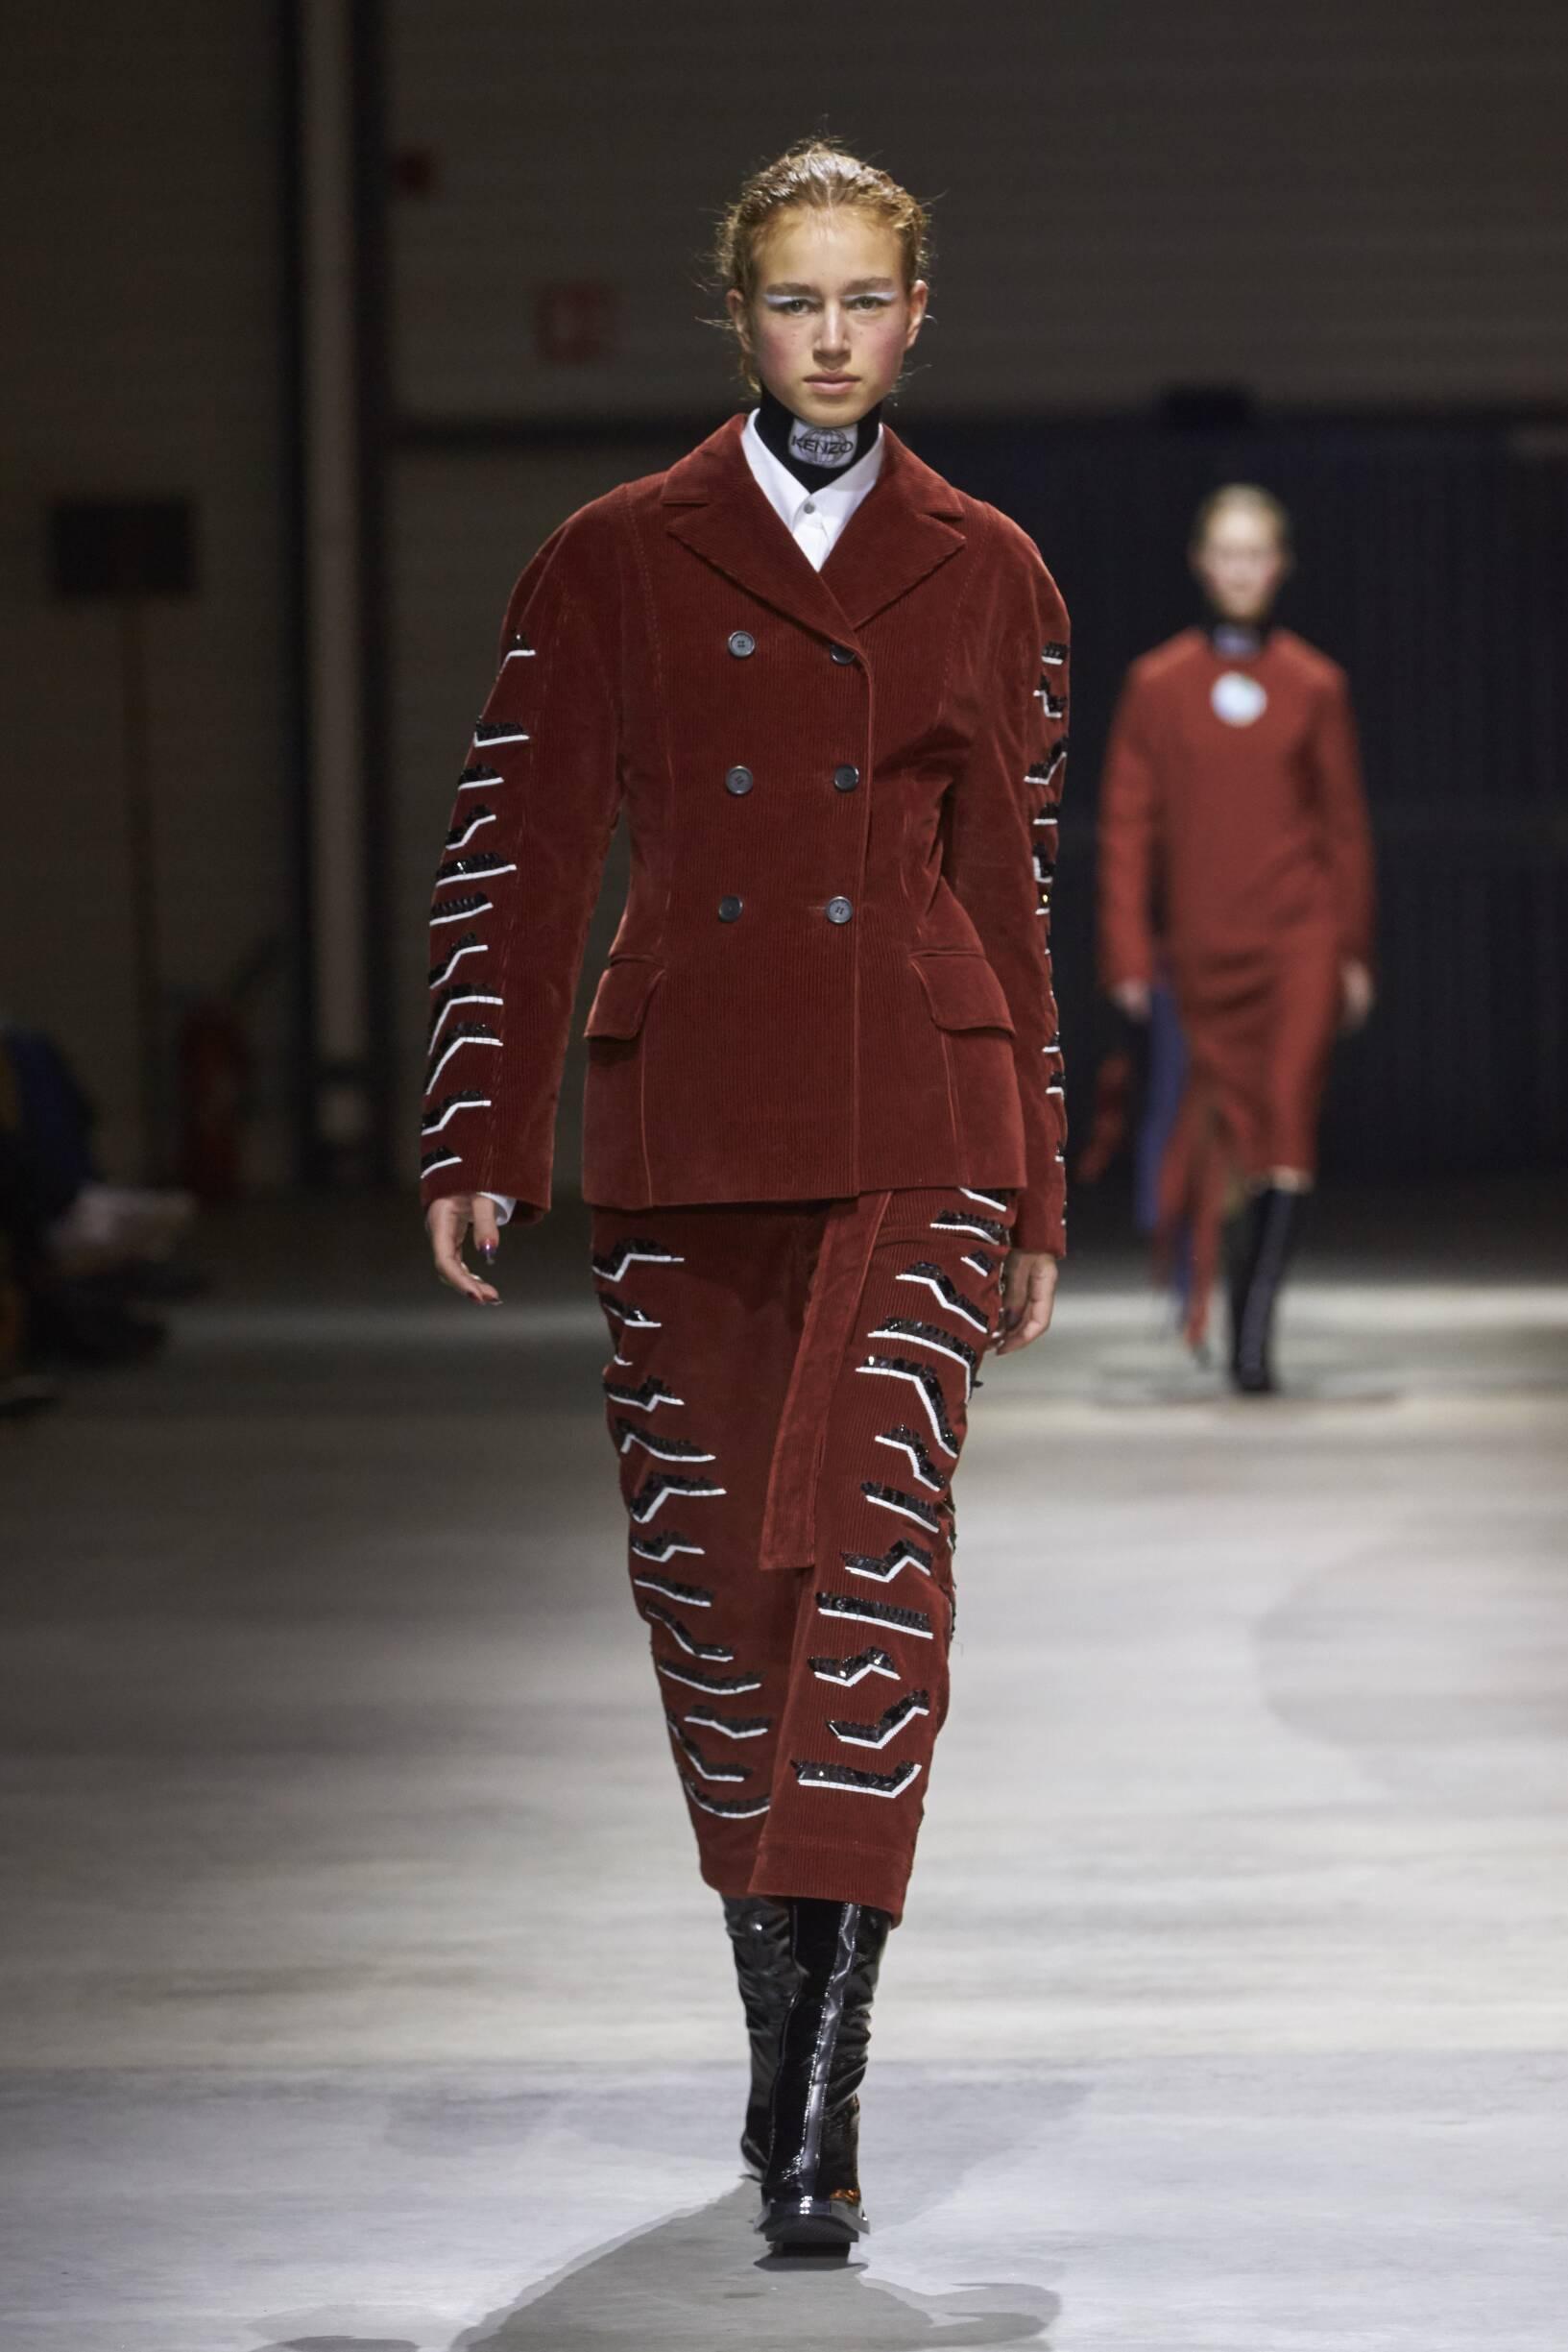 Fashion Woman Model Kenzo Catwalk 17-18